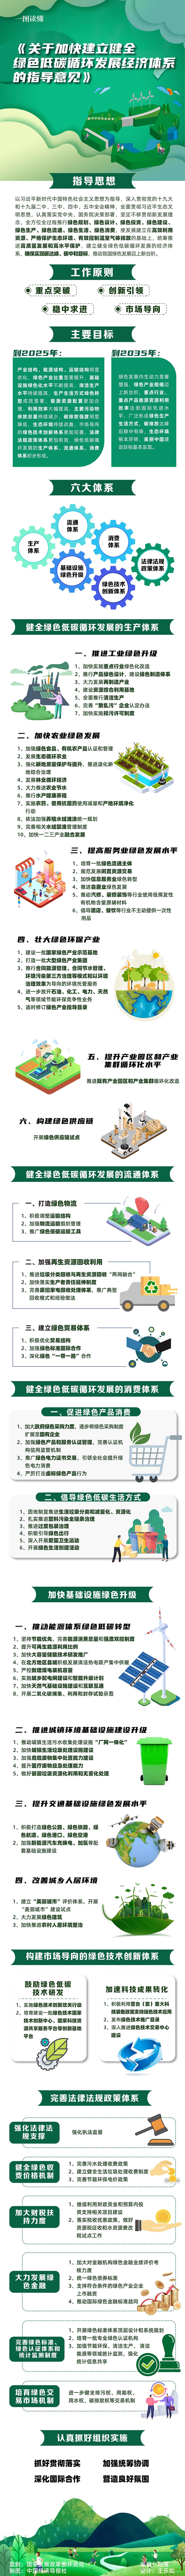 国发〔2021〕4号《国务院关于加快建立健全绿色低碳循环发展经济体系的指导意见》